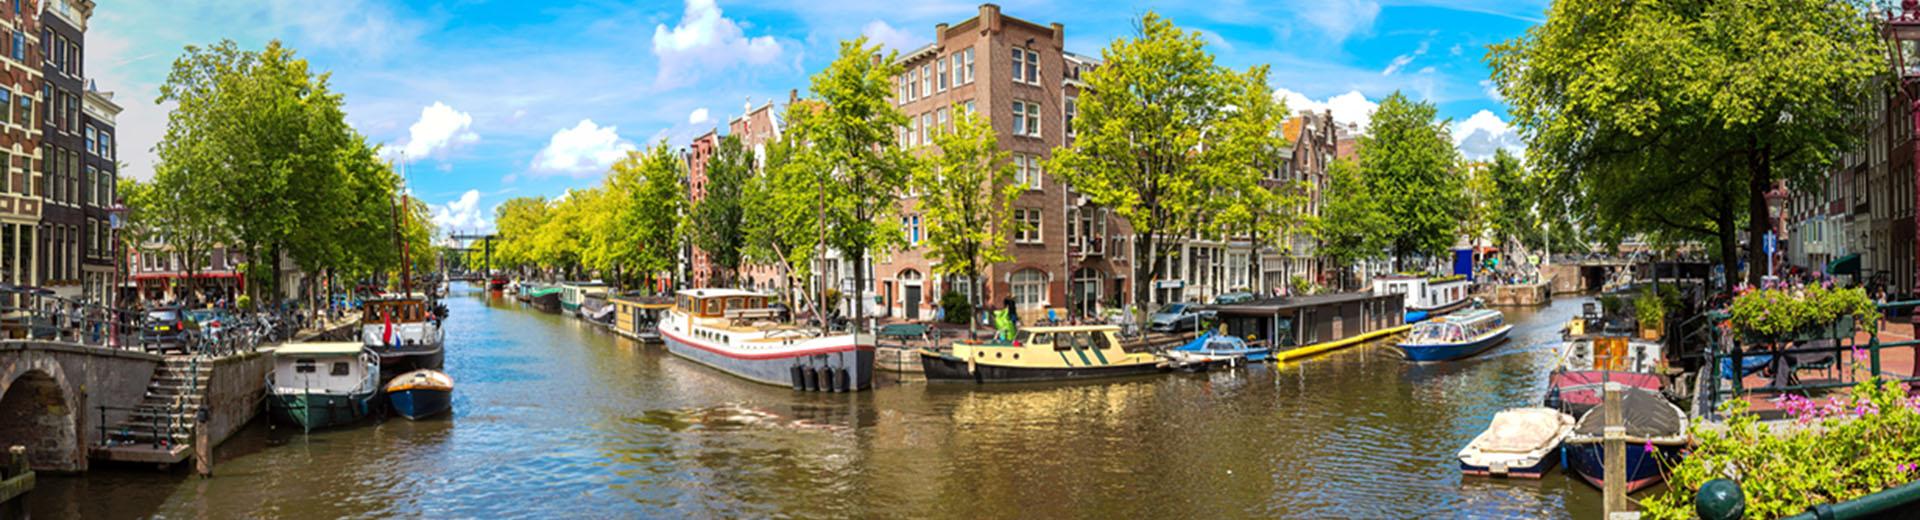 Voyage en groupe Amsterdam - offre classique train